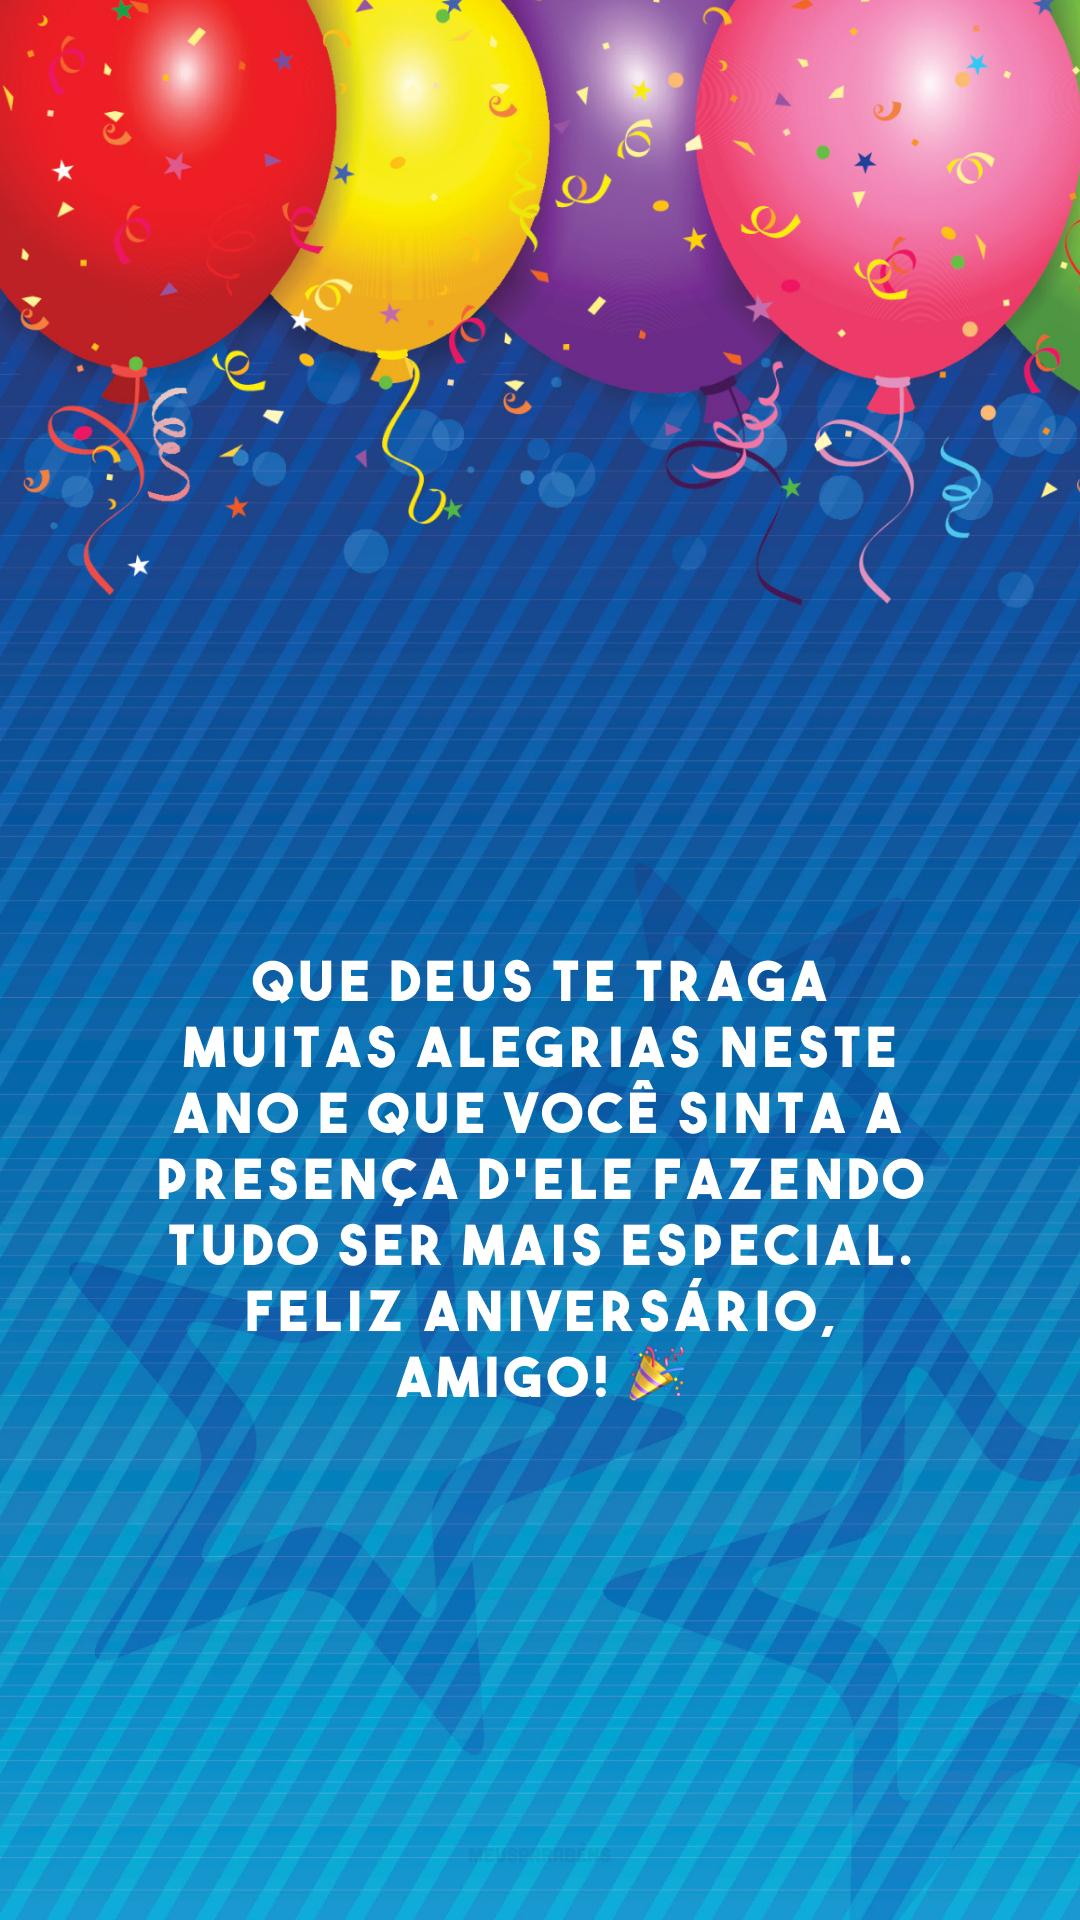 Que Deus te traga muitas alegrias neste ano e que você sinta a presença d'Ele fazendo tudo ser mais especial. Feliz aniversário, amigo! 🎉